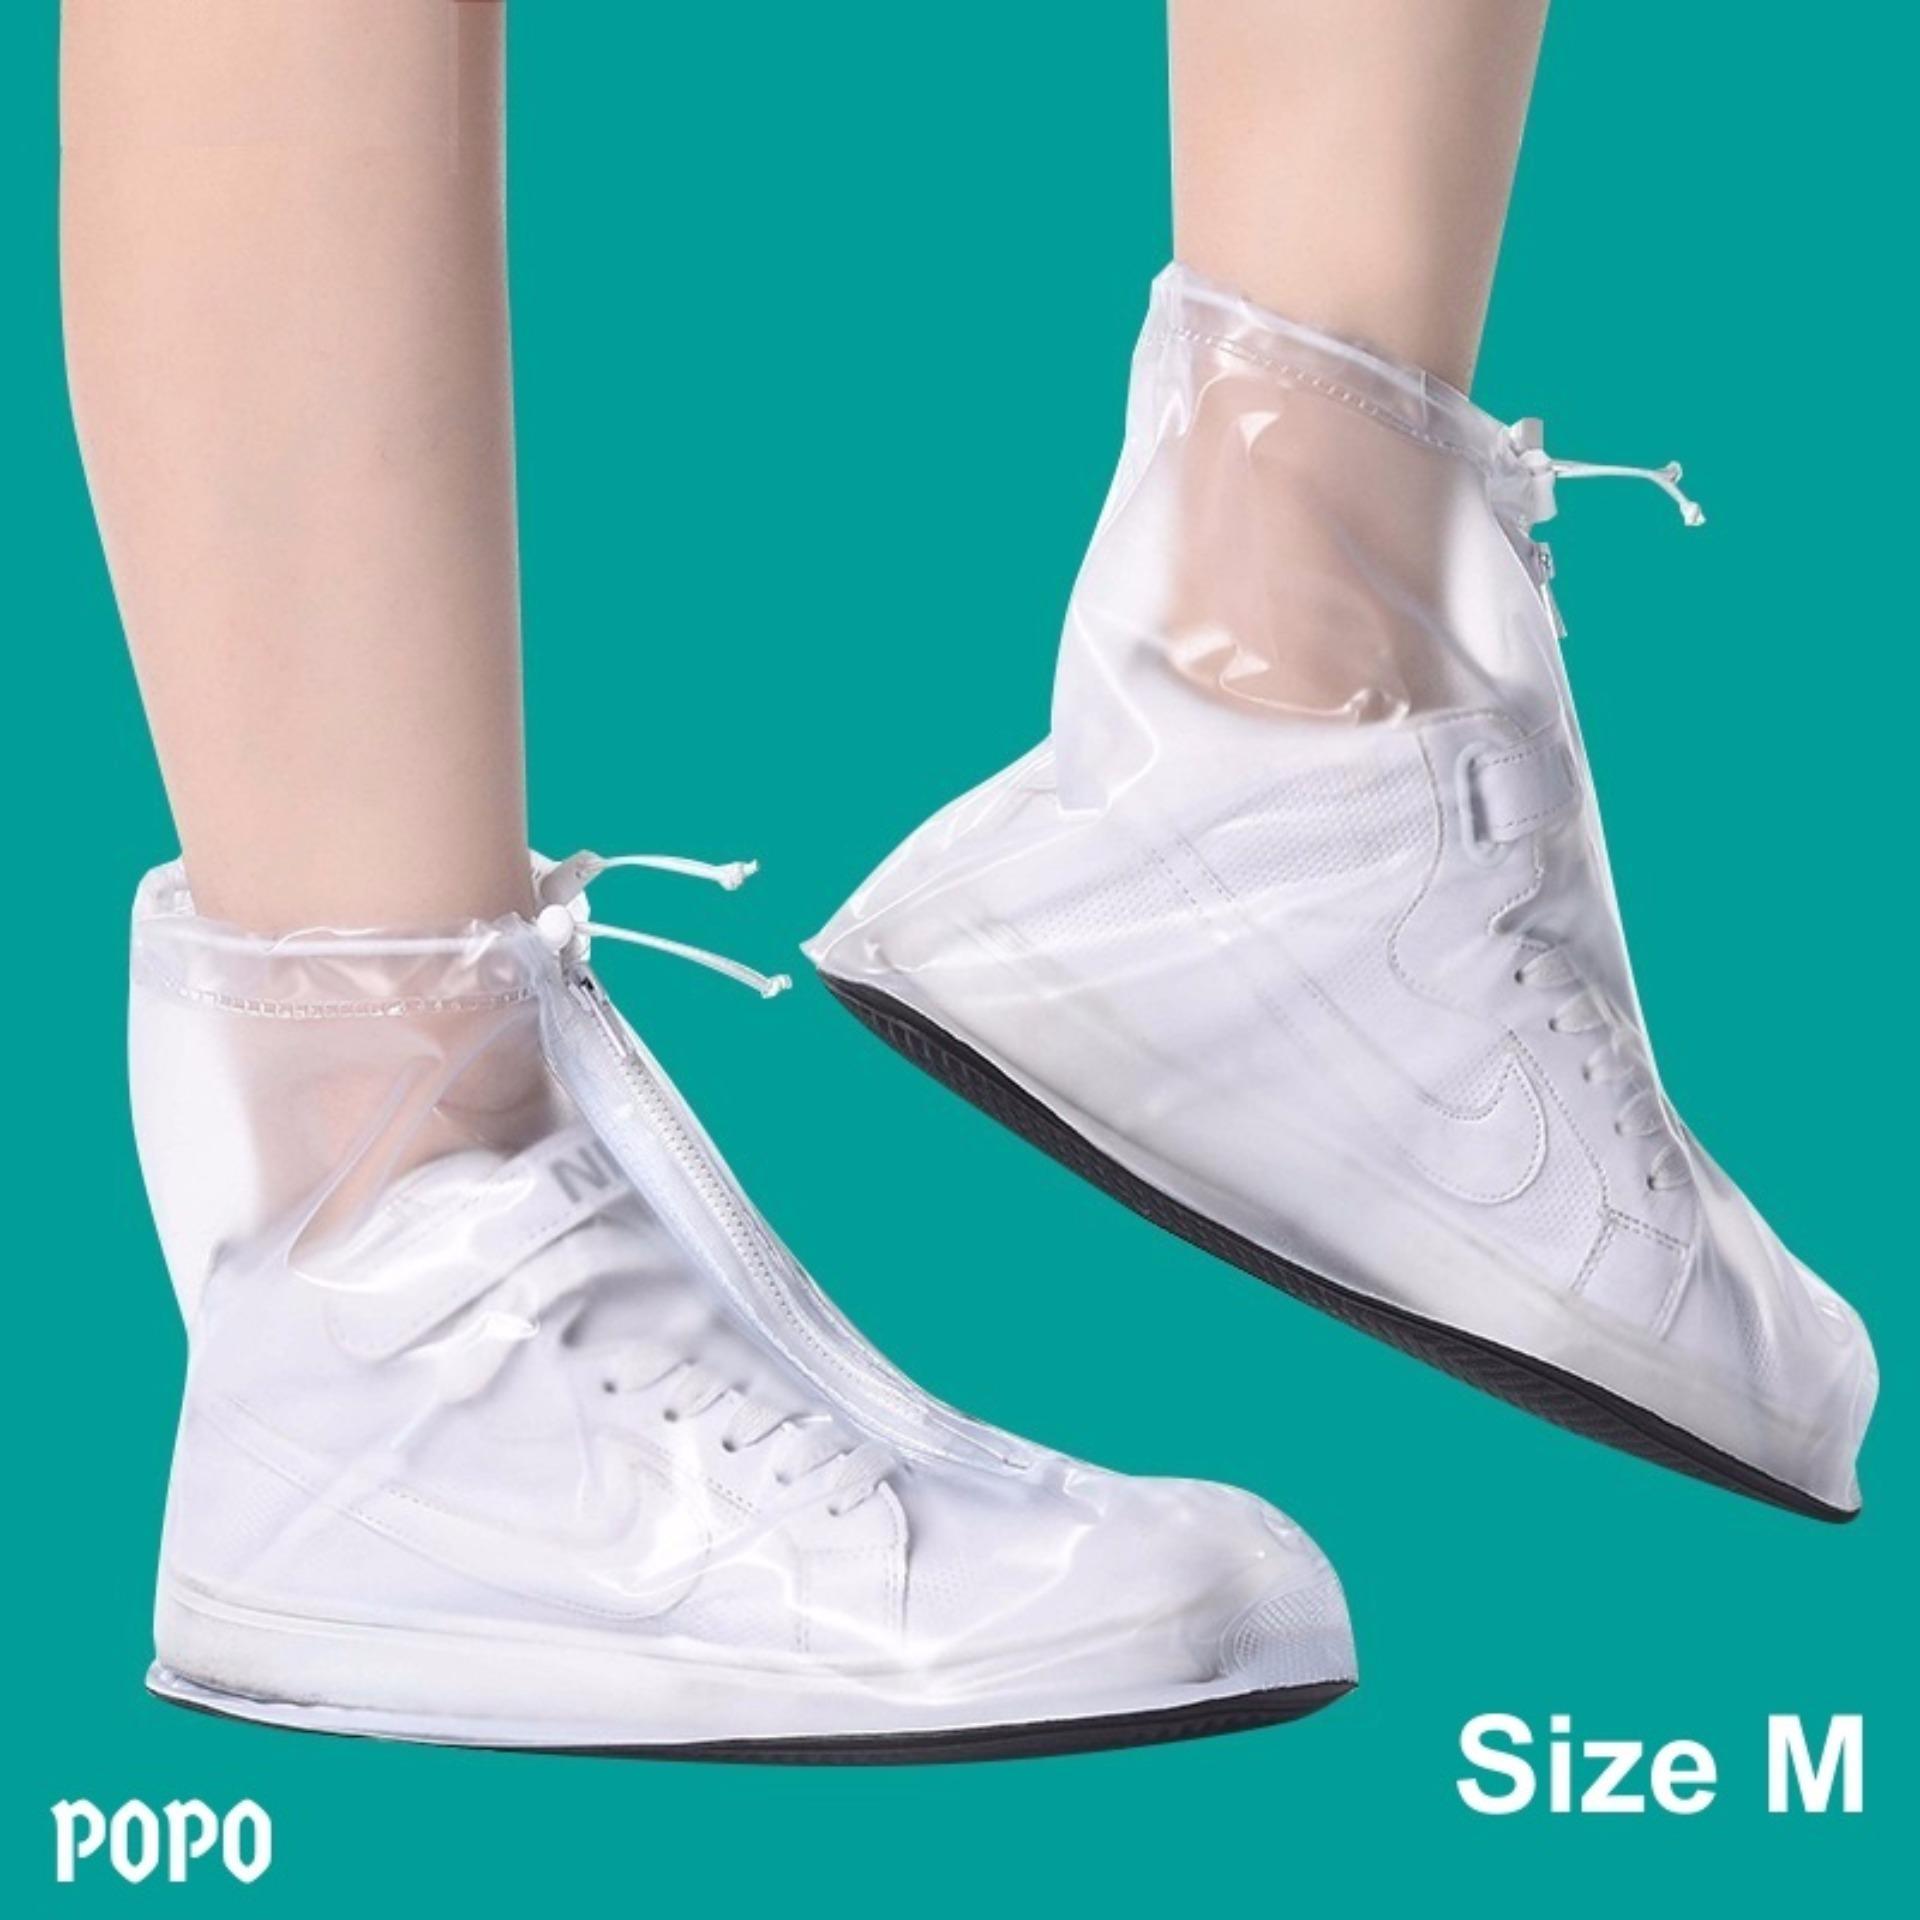 Bọc giày đi mưa thời trang Size M (Trắng), chống thấm nước 100%, chất liệu cao cấp LEPIN Việt Nam